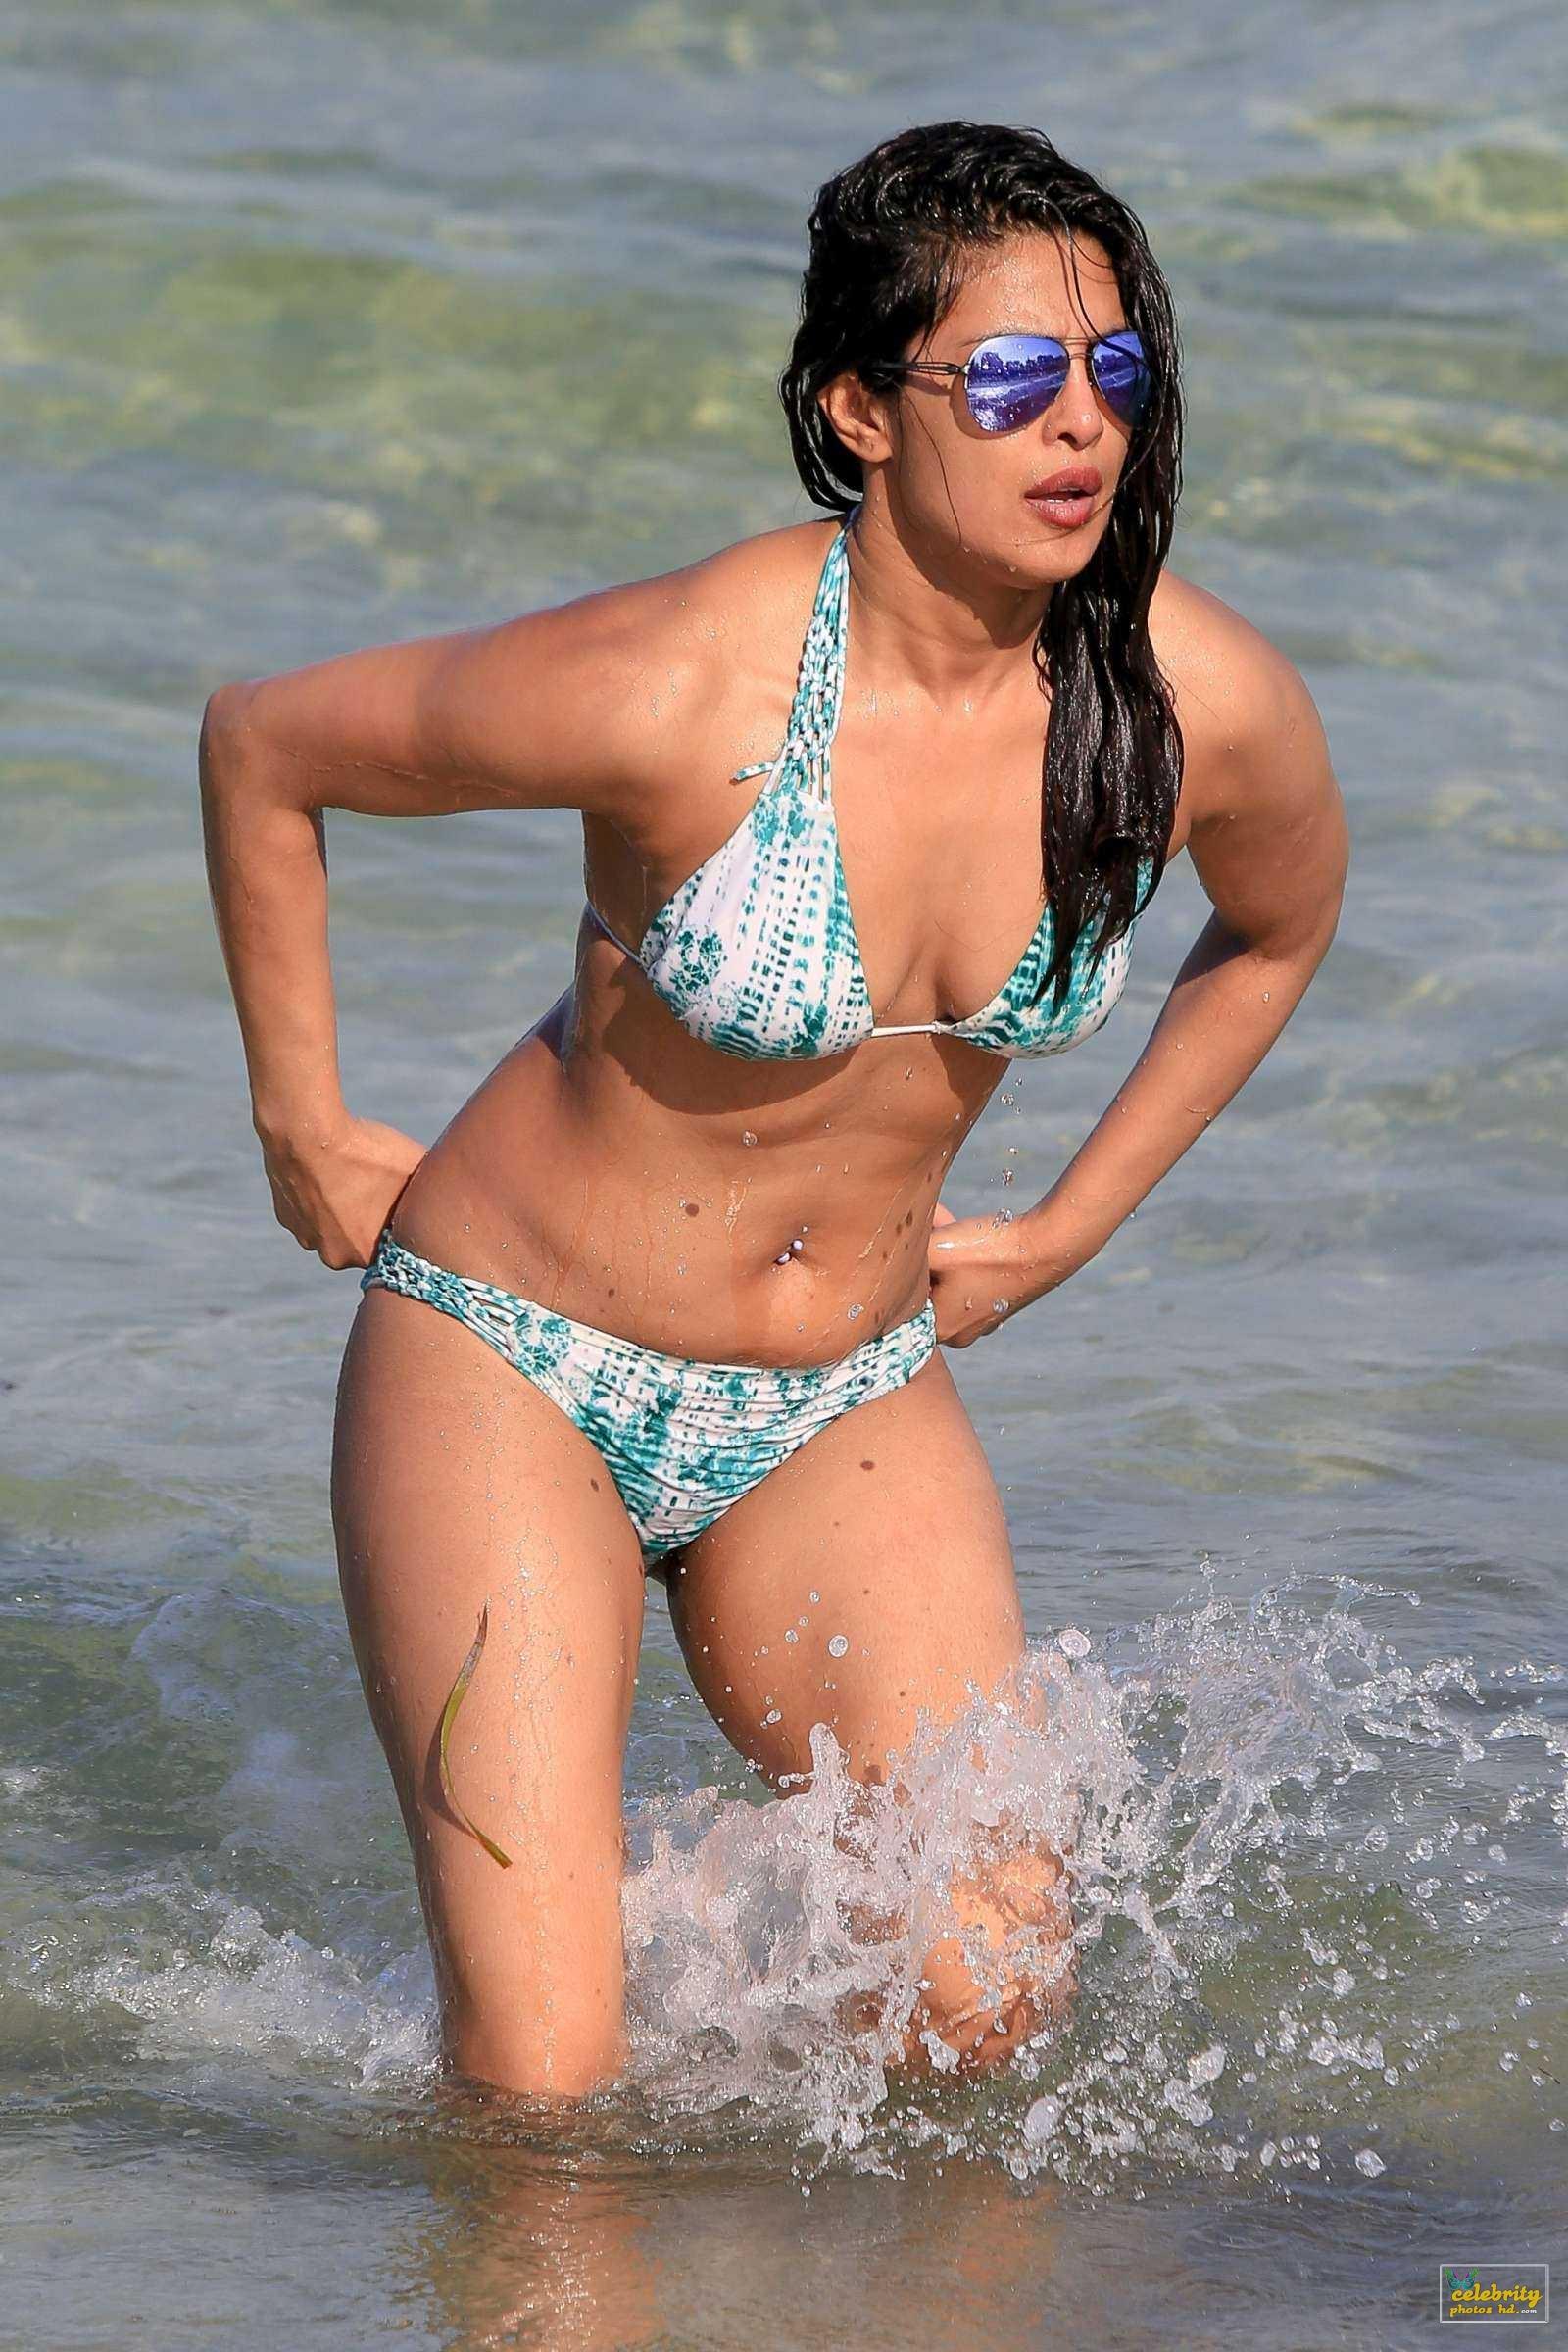 Priyanka Chopra in Bikini, Swimming in the Ocean at Beach in Miami